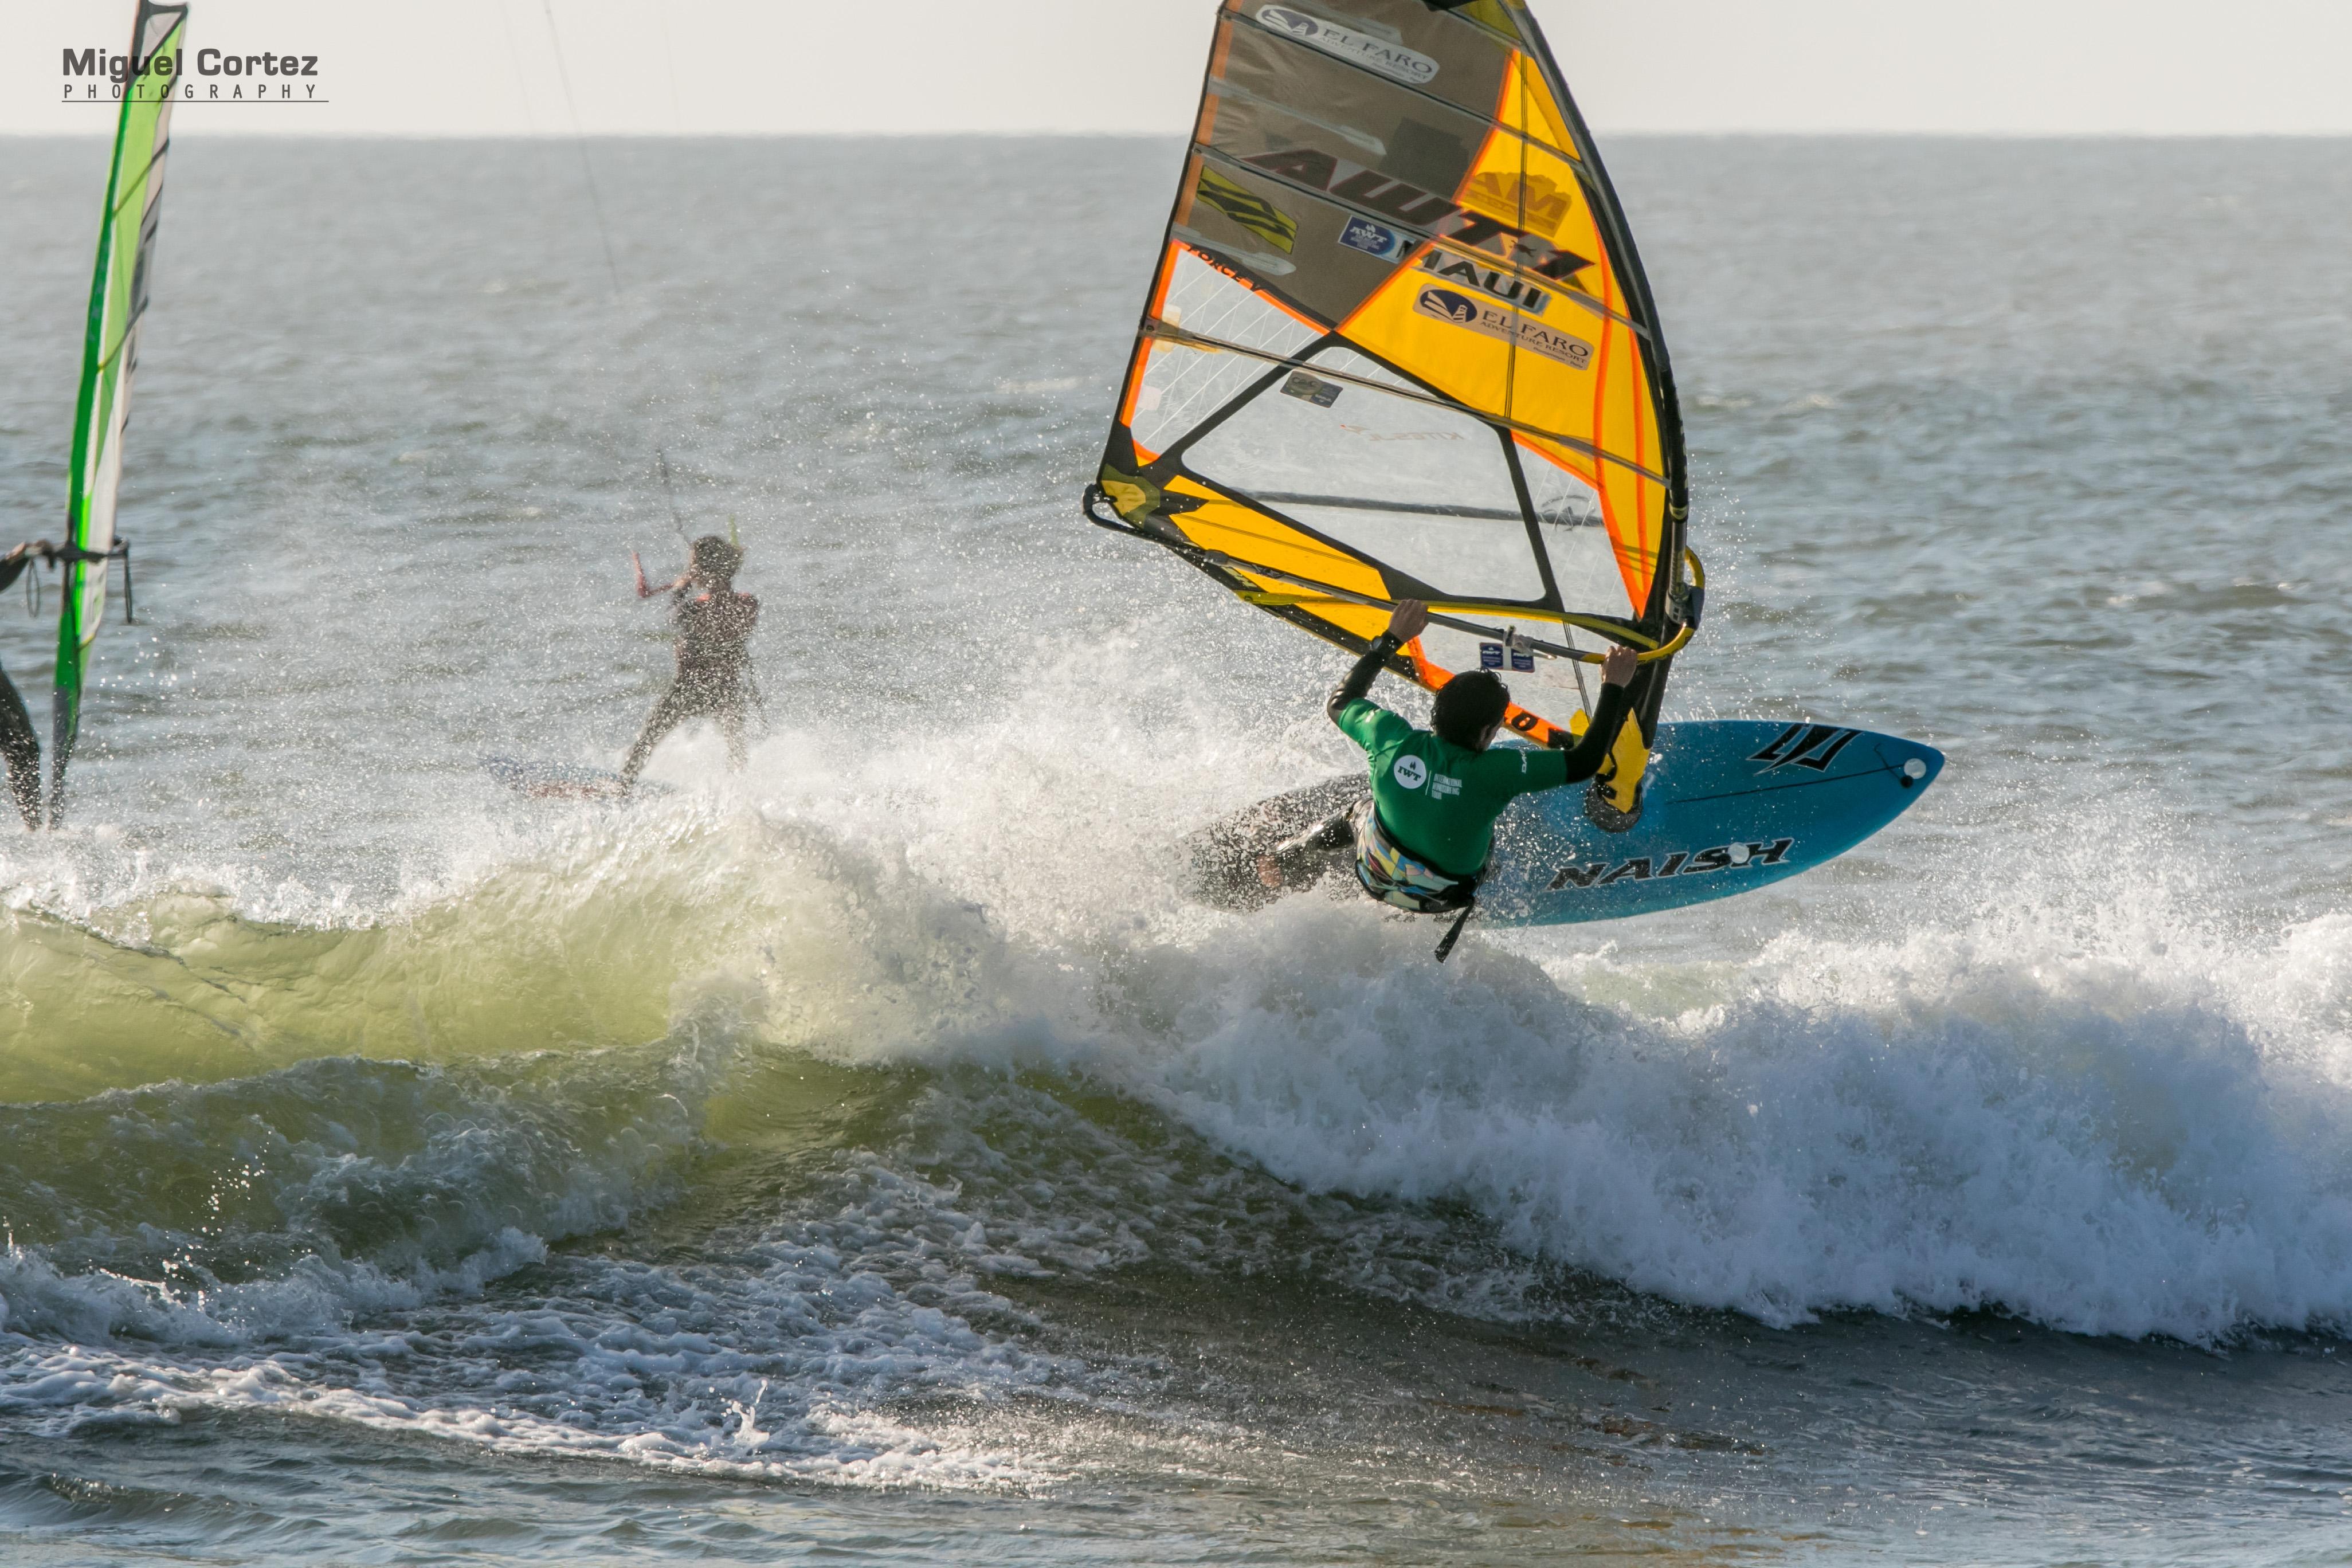 Pacasmayo se prepara para vivir la fiesta del windsurf del 8 al 14 de septiembre